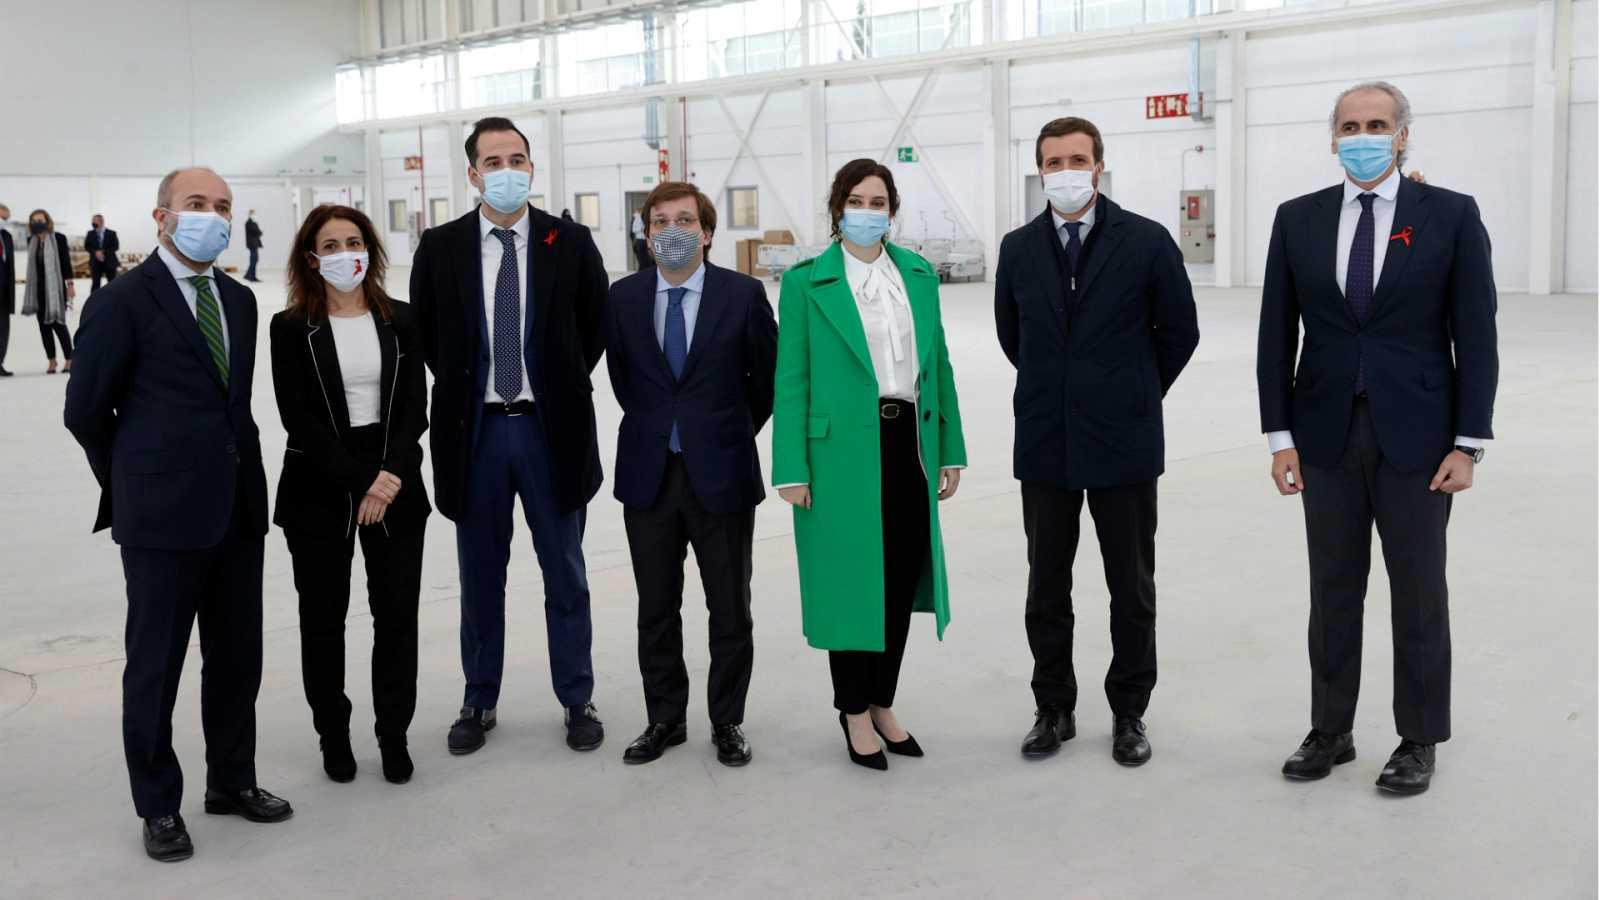 14 horas - Ayuso inaugura el Hospital Isabel Zendal entre protestas por la falta de profesionales - Escuchar ahora